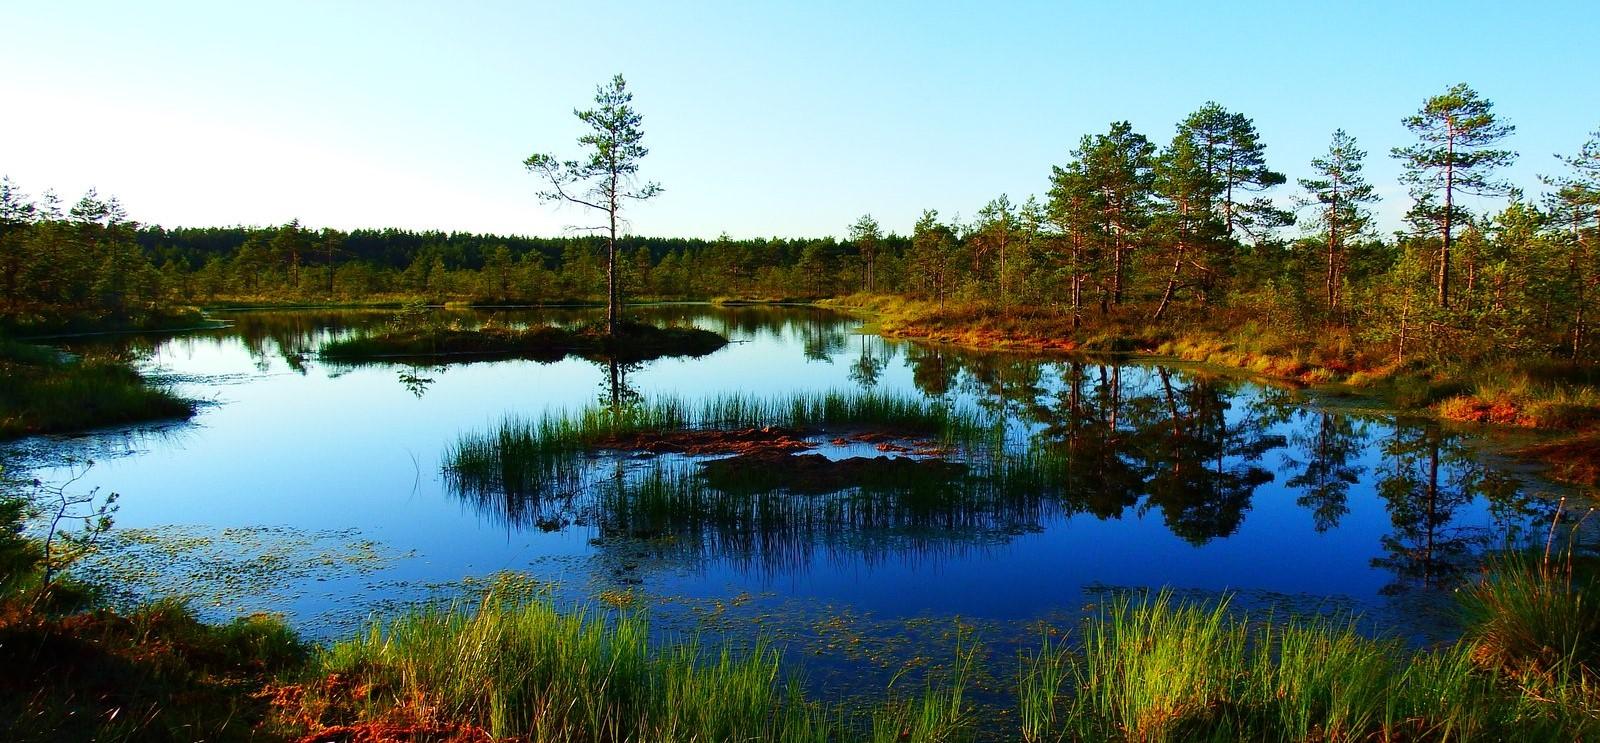 <h2>Open en groene ruimte</h2><div>Natuur maakt mensen gezonder en stimuleert creativiteit, zorgt voor een omgeving waar het goed wonen, werken en wandelen is. De bescherming hiervan is een hoofdzaak.</div>